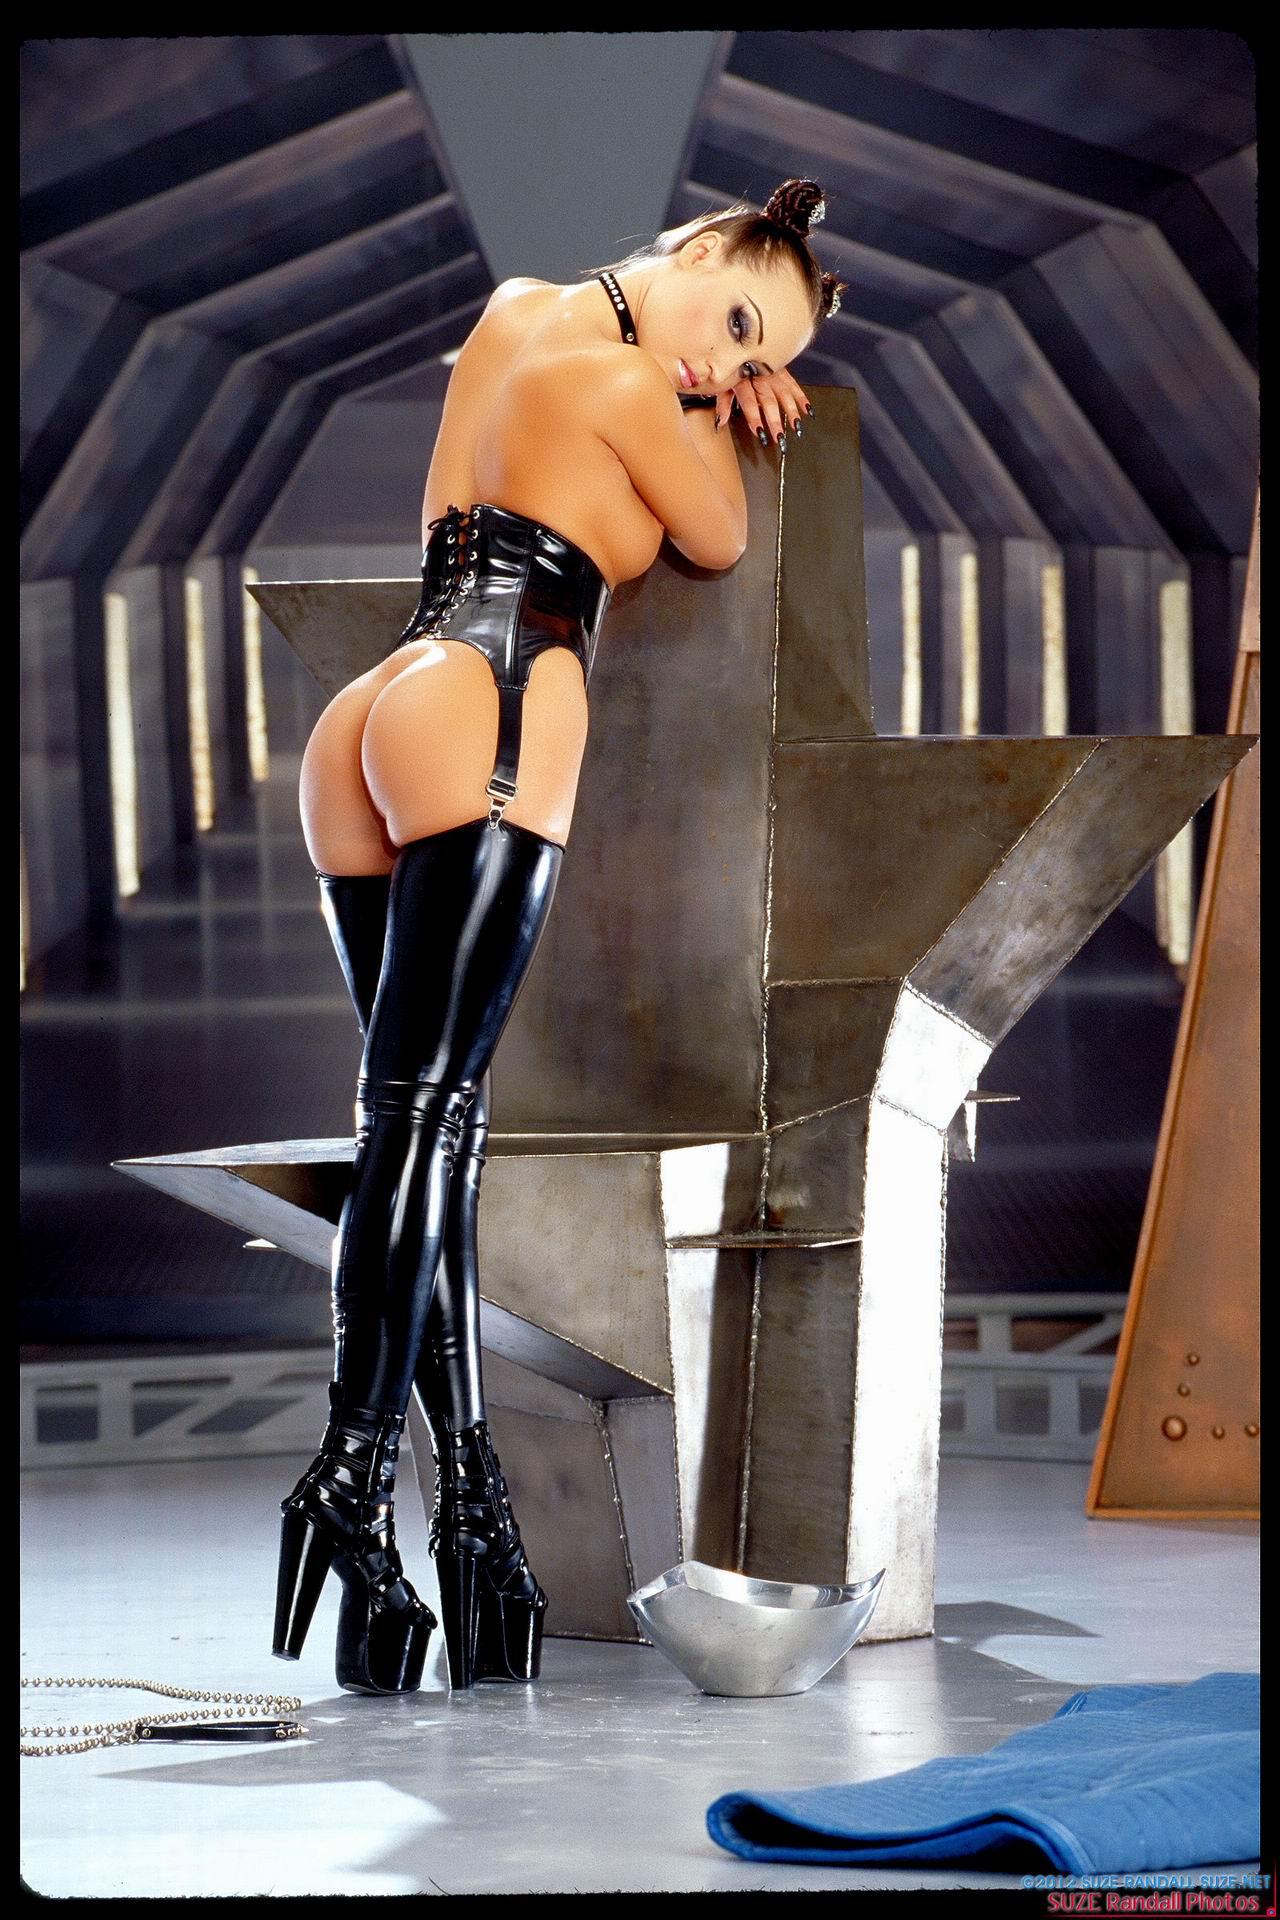 Смотреть онлайн фото девушки в костюме из секс шопа 28 фотография